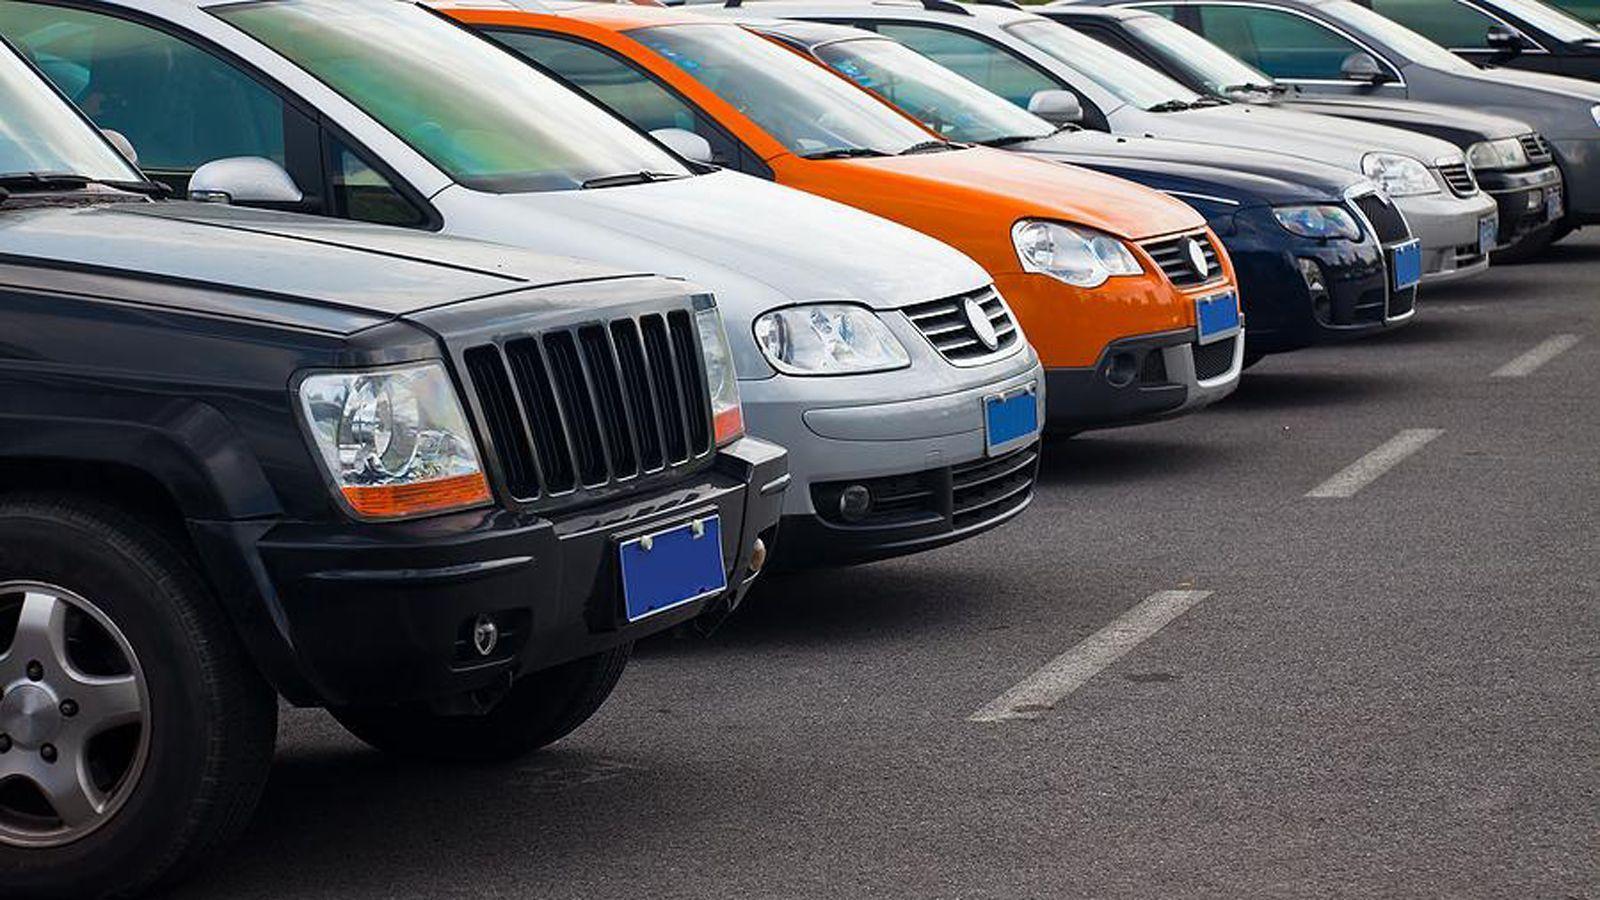 Οξύνεται η αντιπαράθεση ανάμεσα στους εισαγωγείς αυτοκινήτων